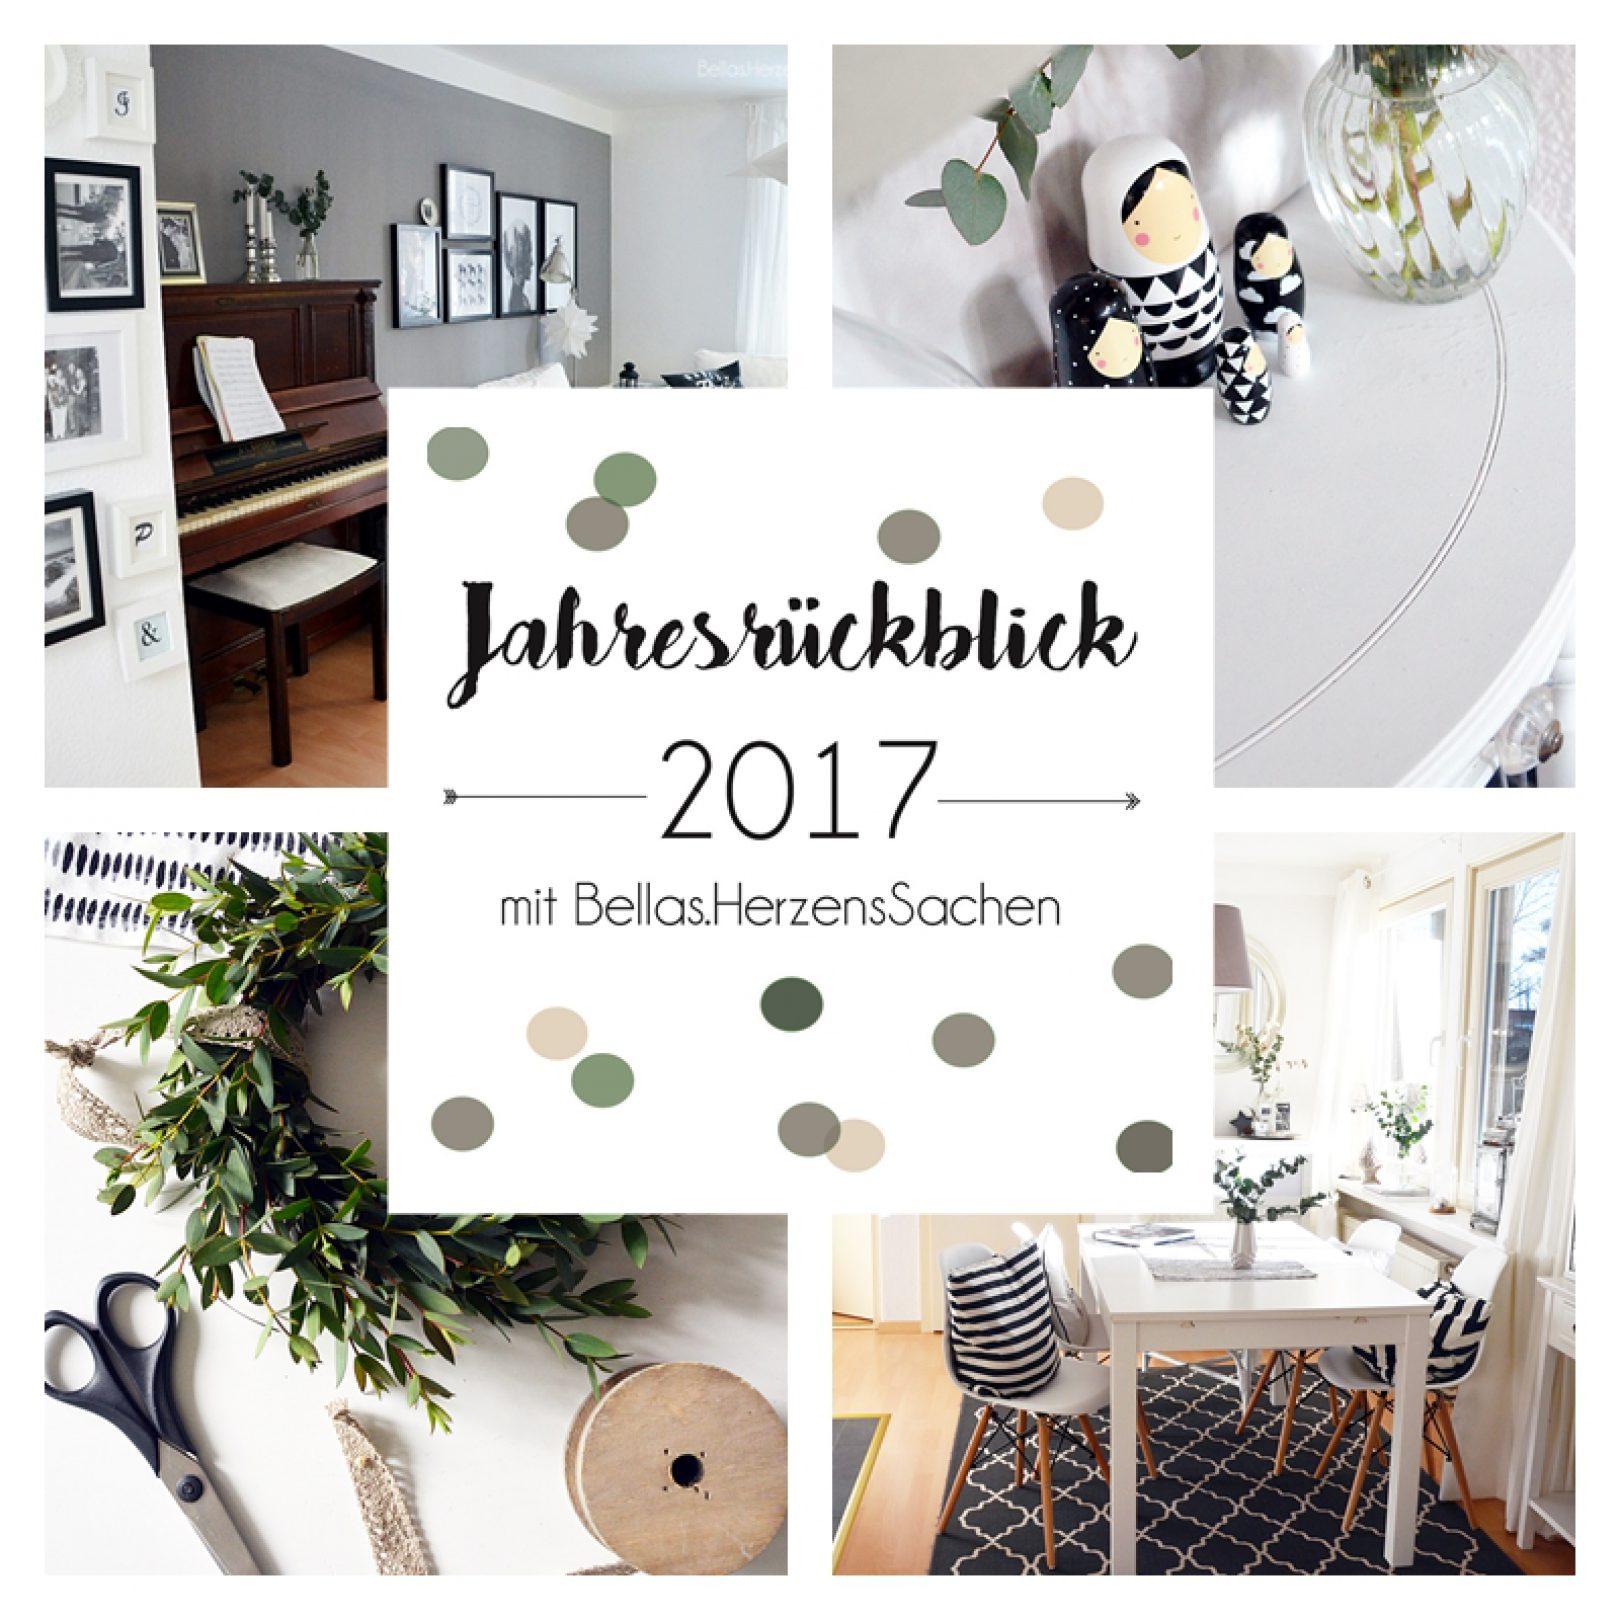 Jachresrückblick 2017